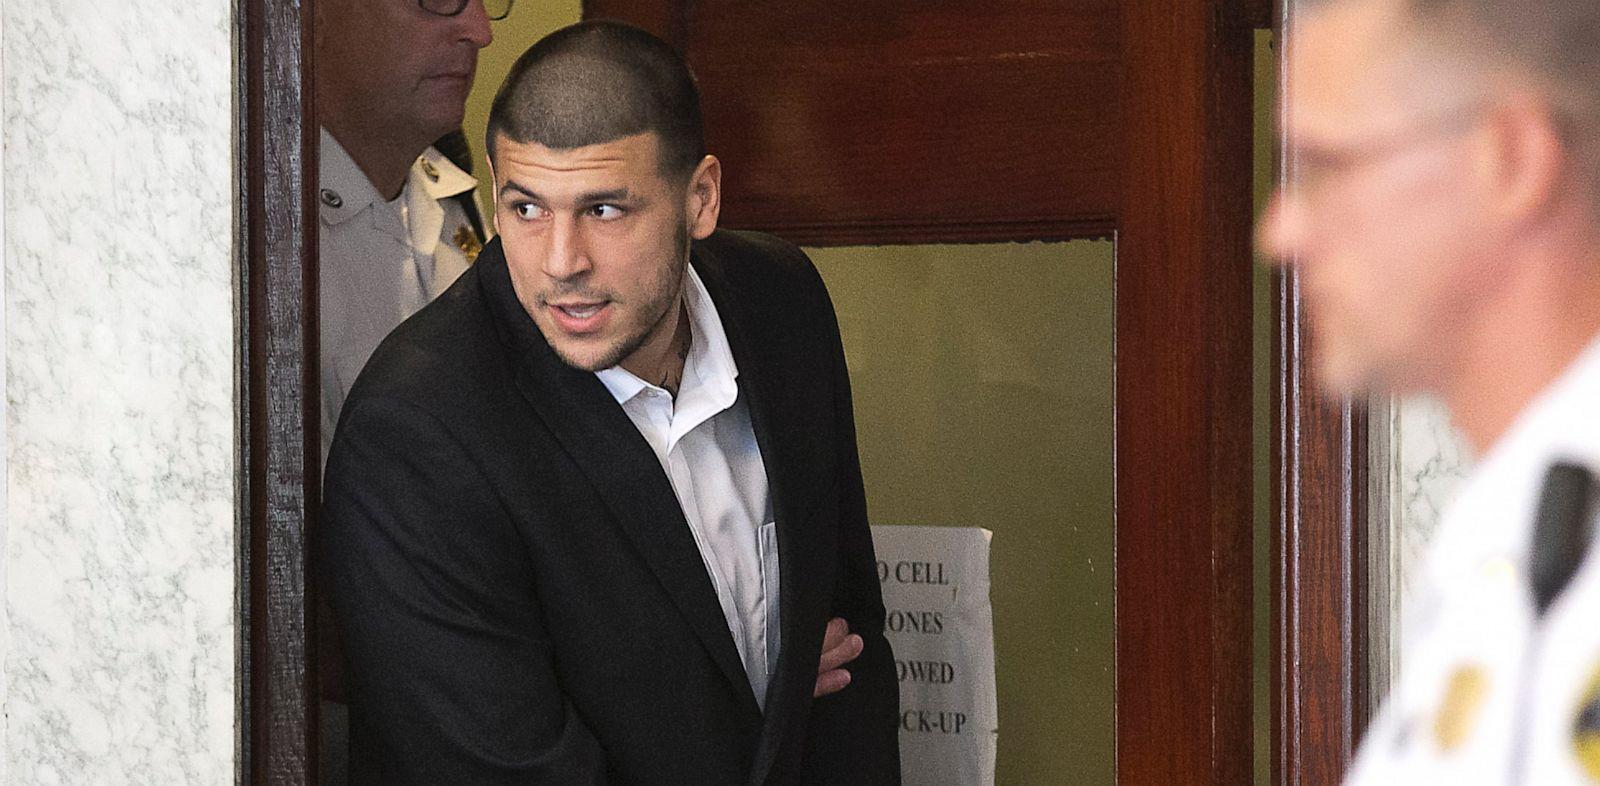 PHOTO: Aaron Hernandez enters courtroom